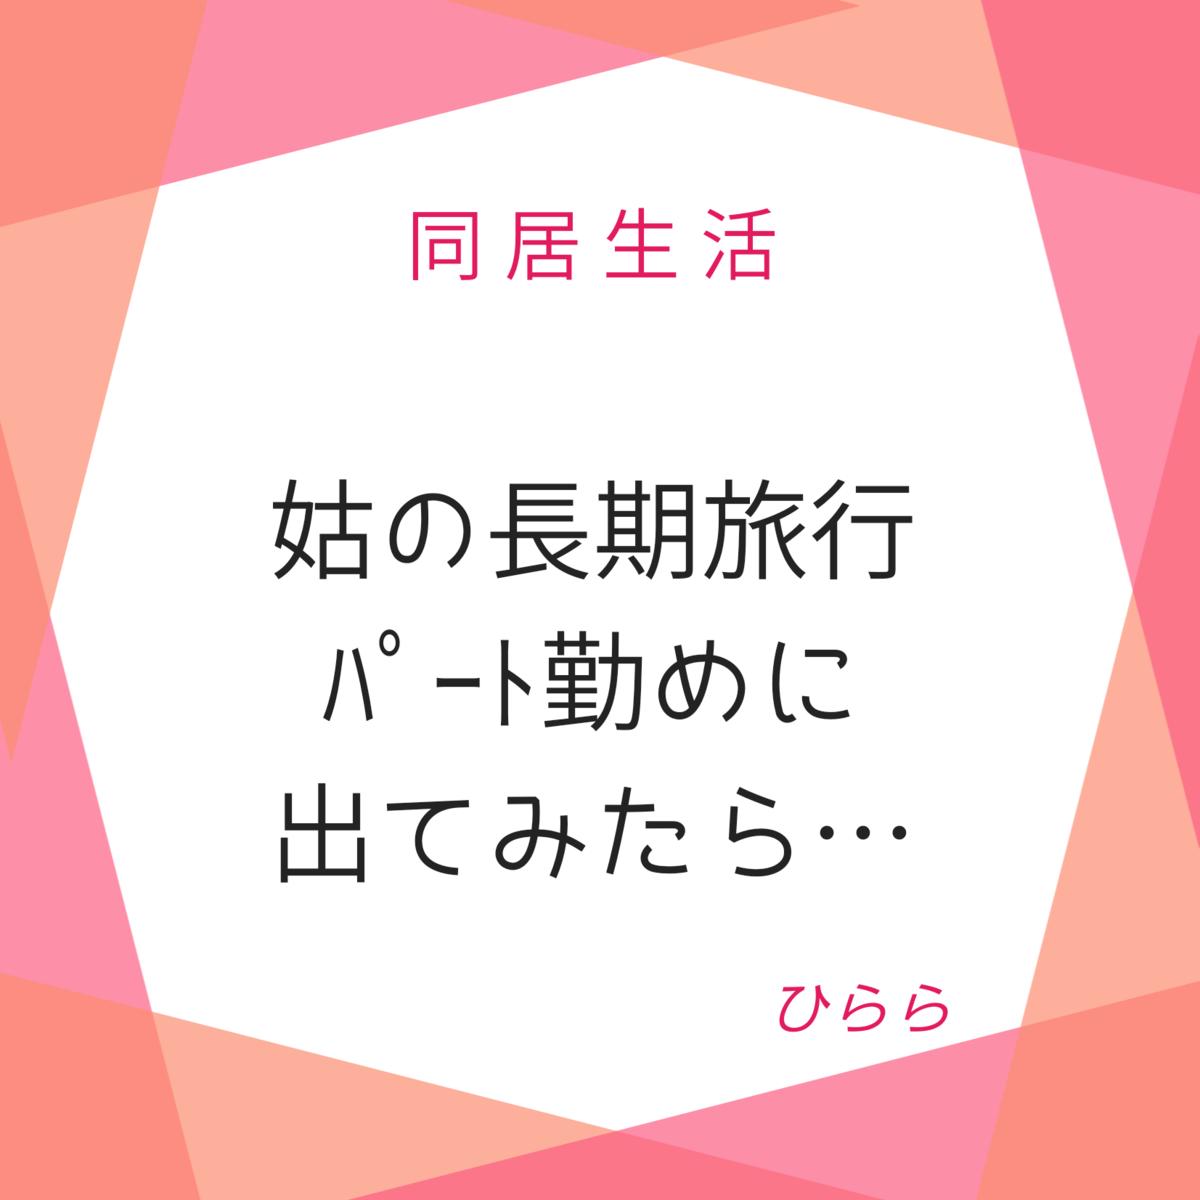 f:id:hirara185:20200623131538p:plain